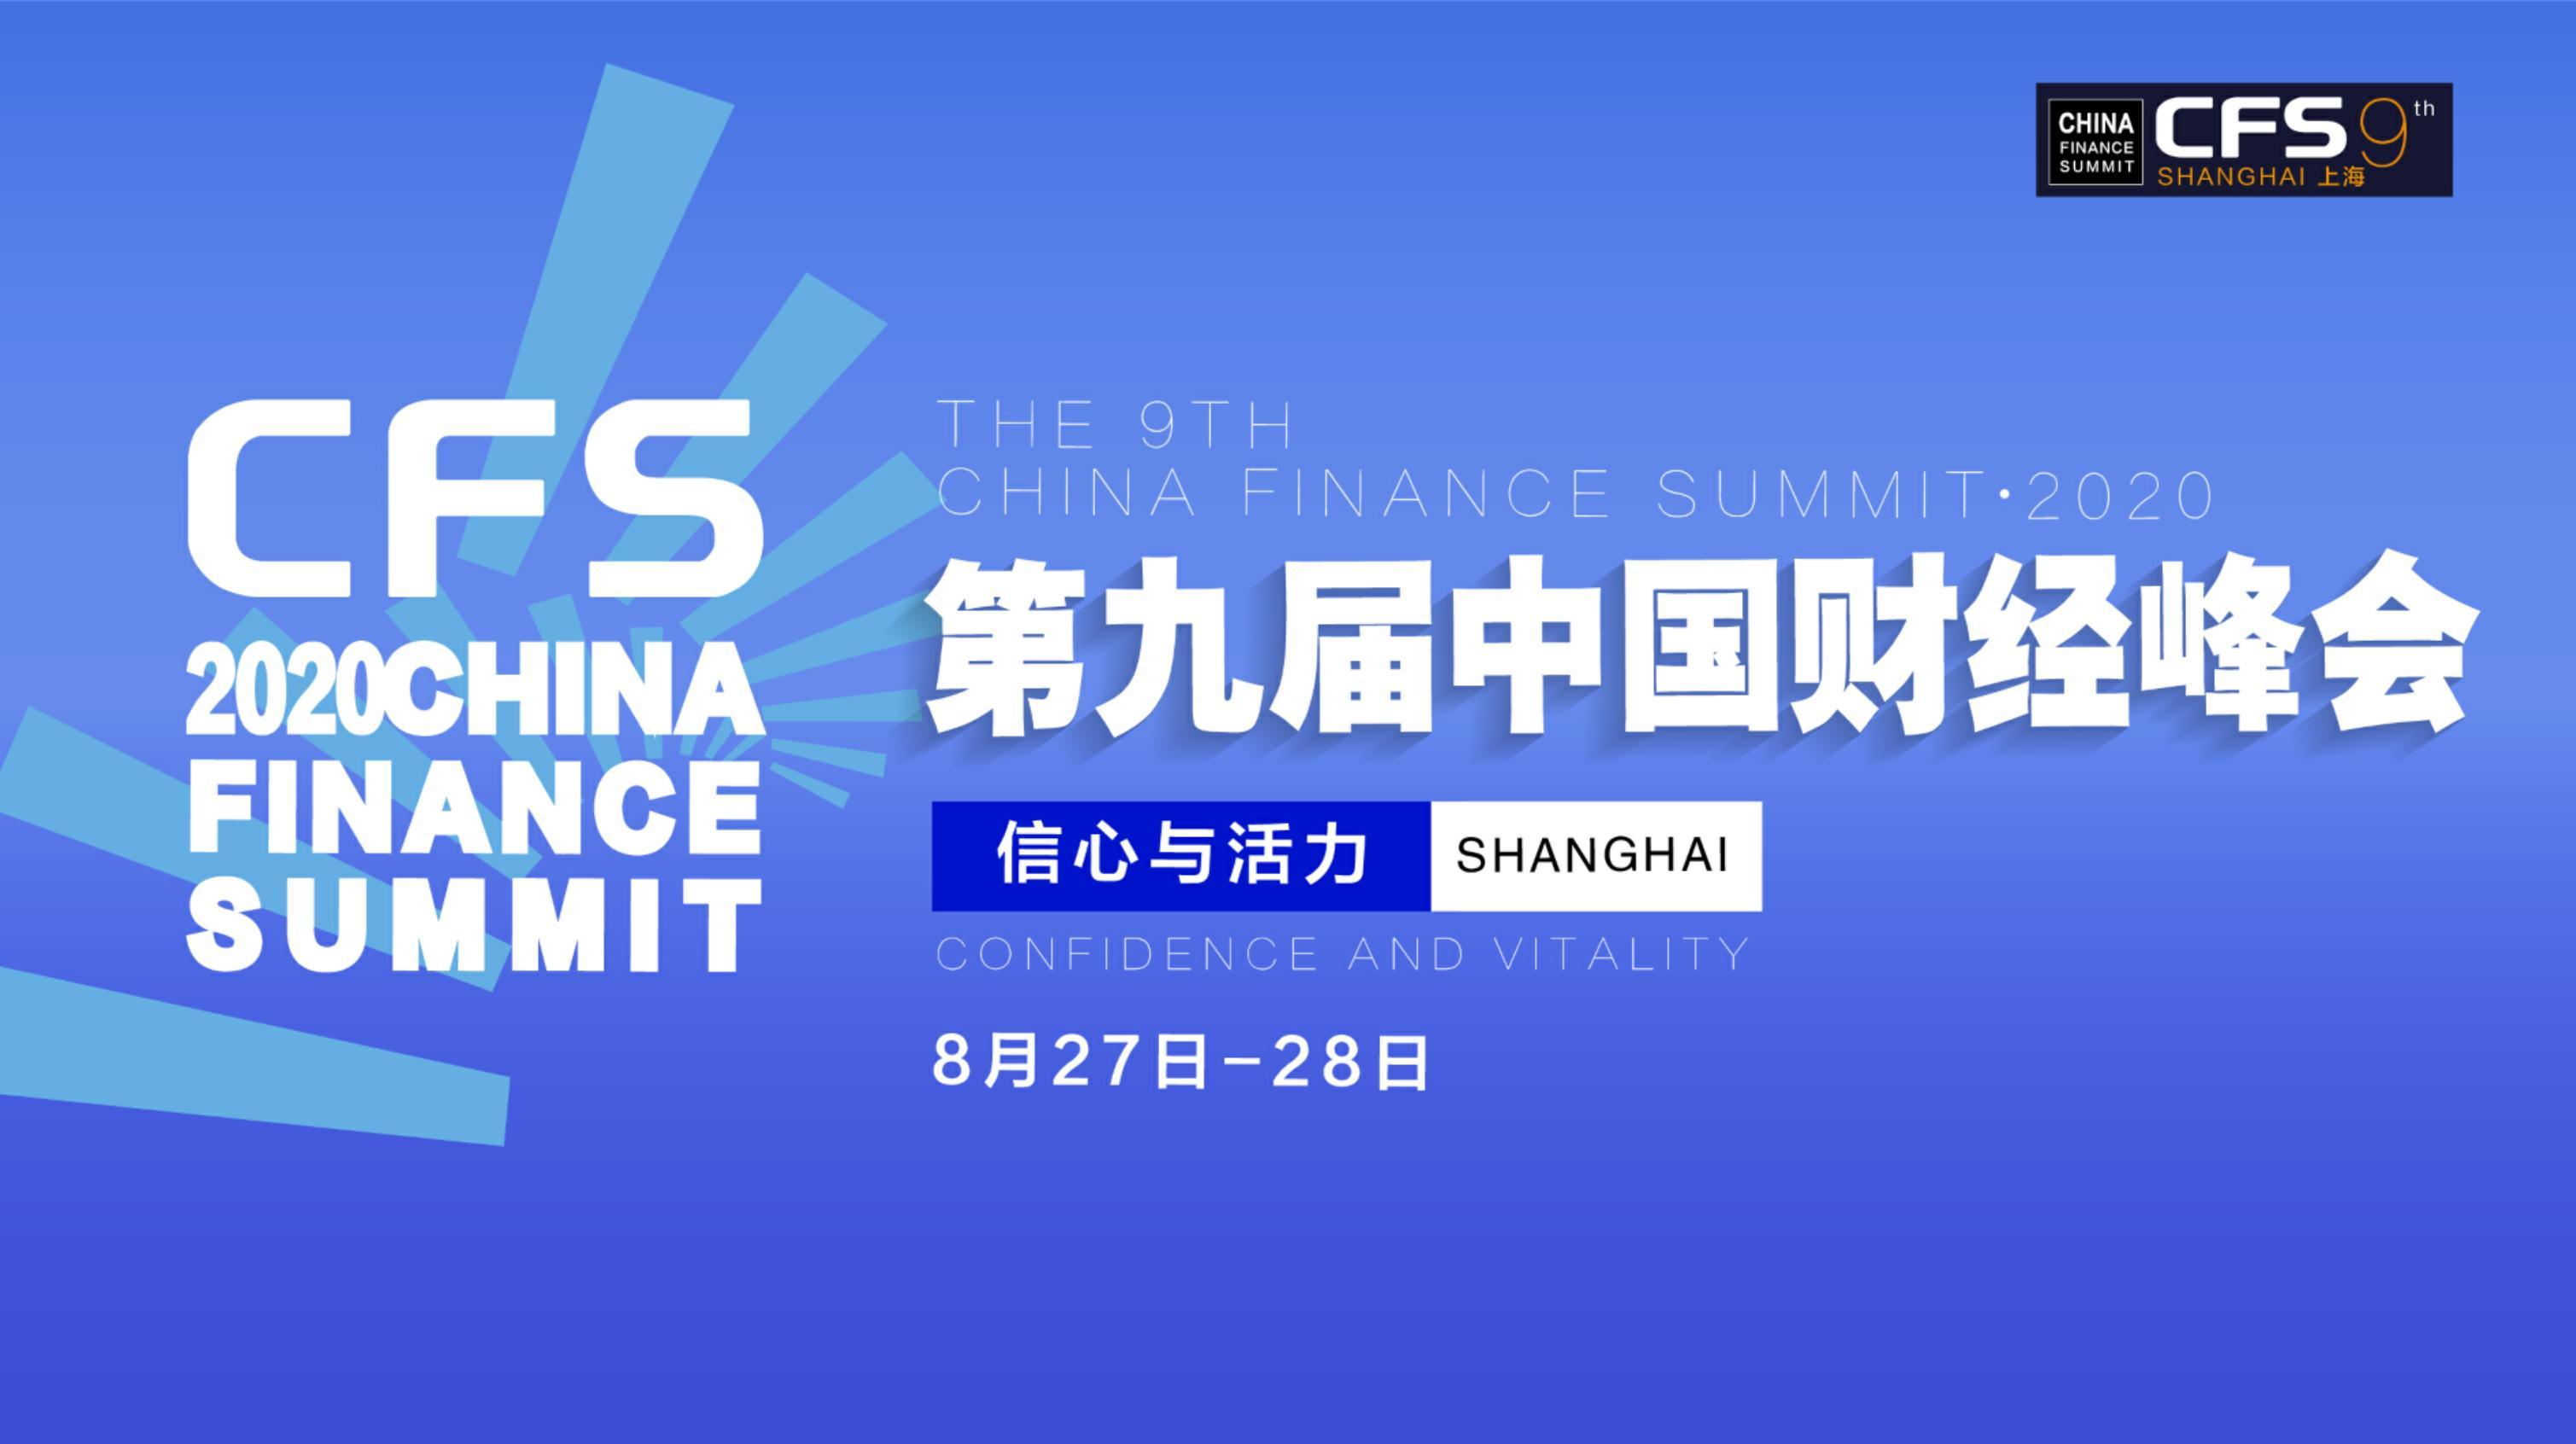 第九届中国财经峰会将落地上海,传递信心,展现活力